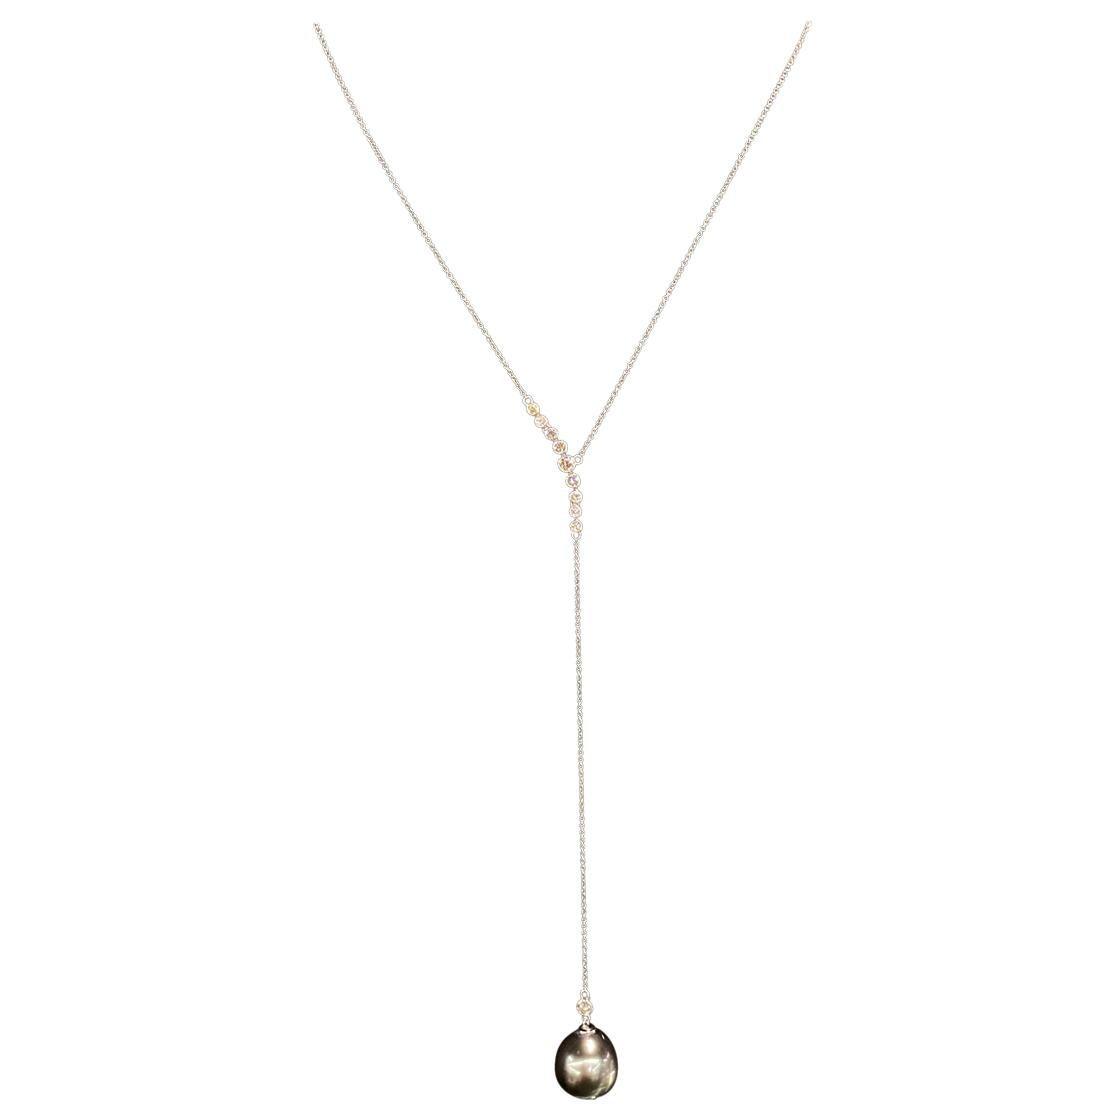 Tahitian Pearl Diamond Lariat Necklace 0.51 Carat 18 Karat White Gold